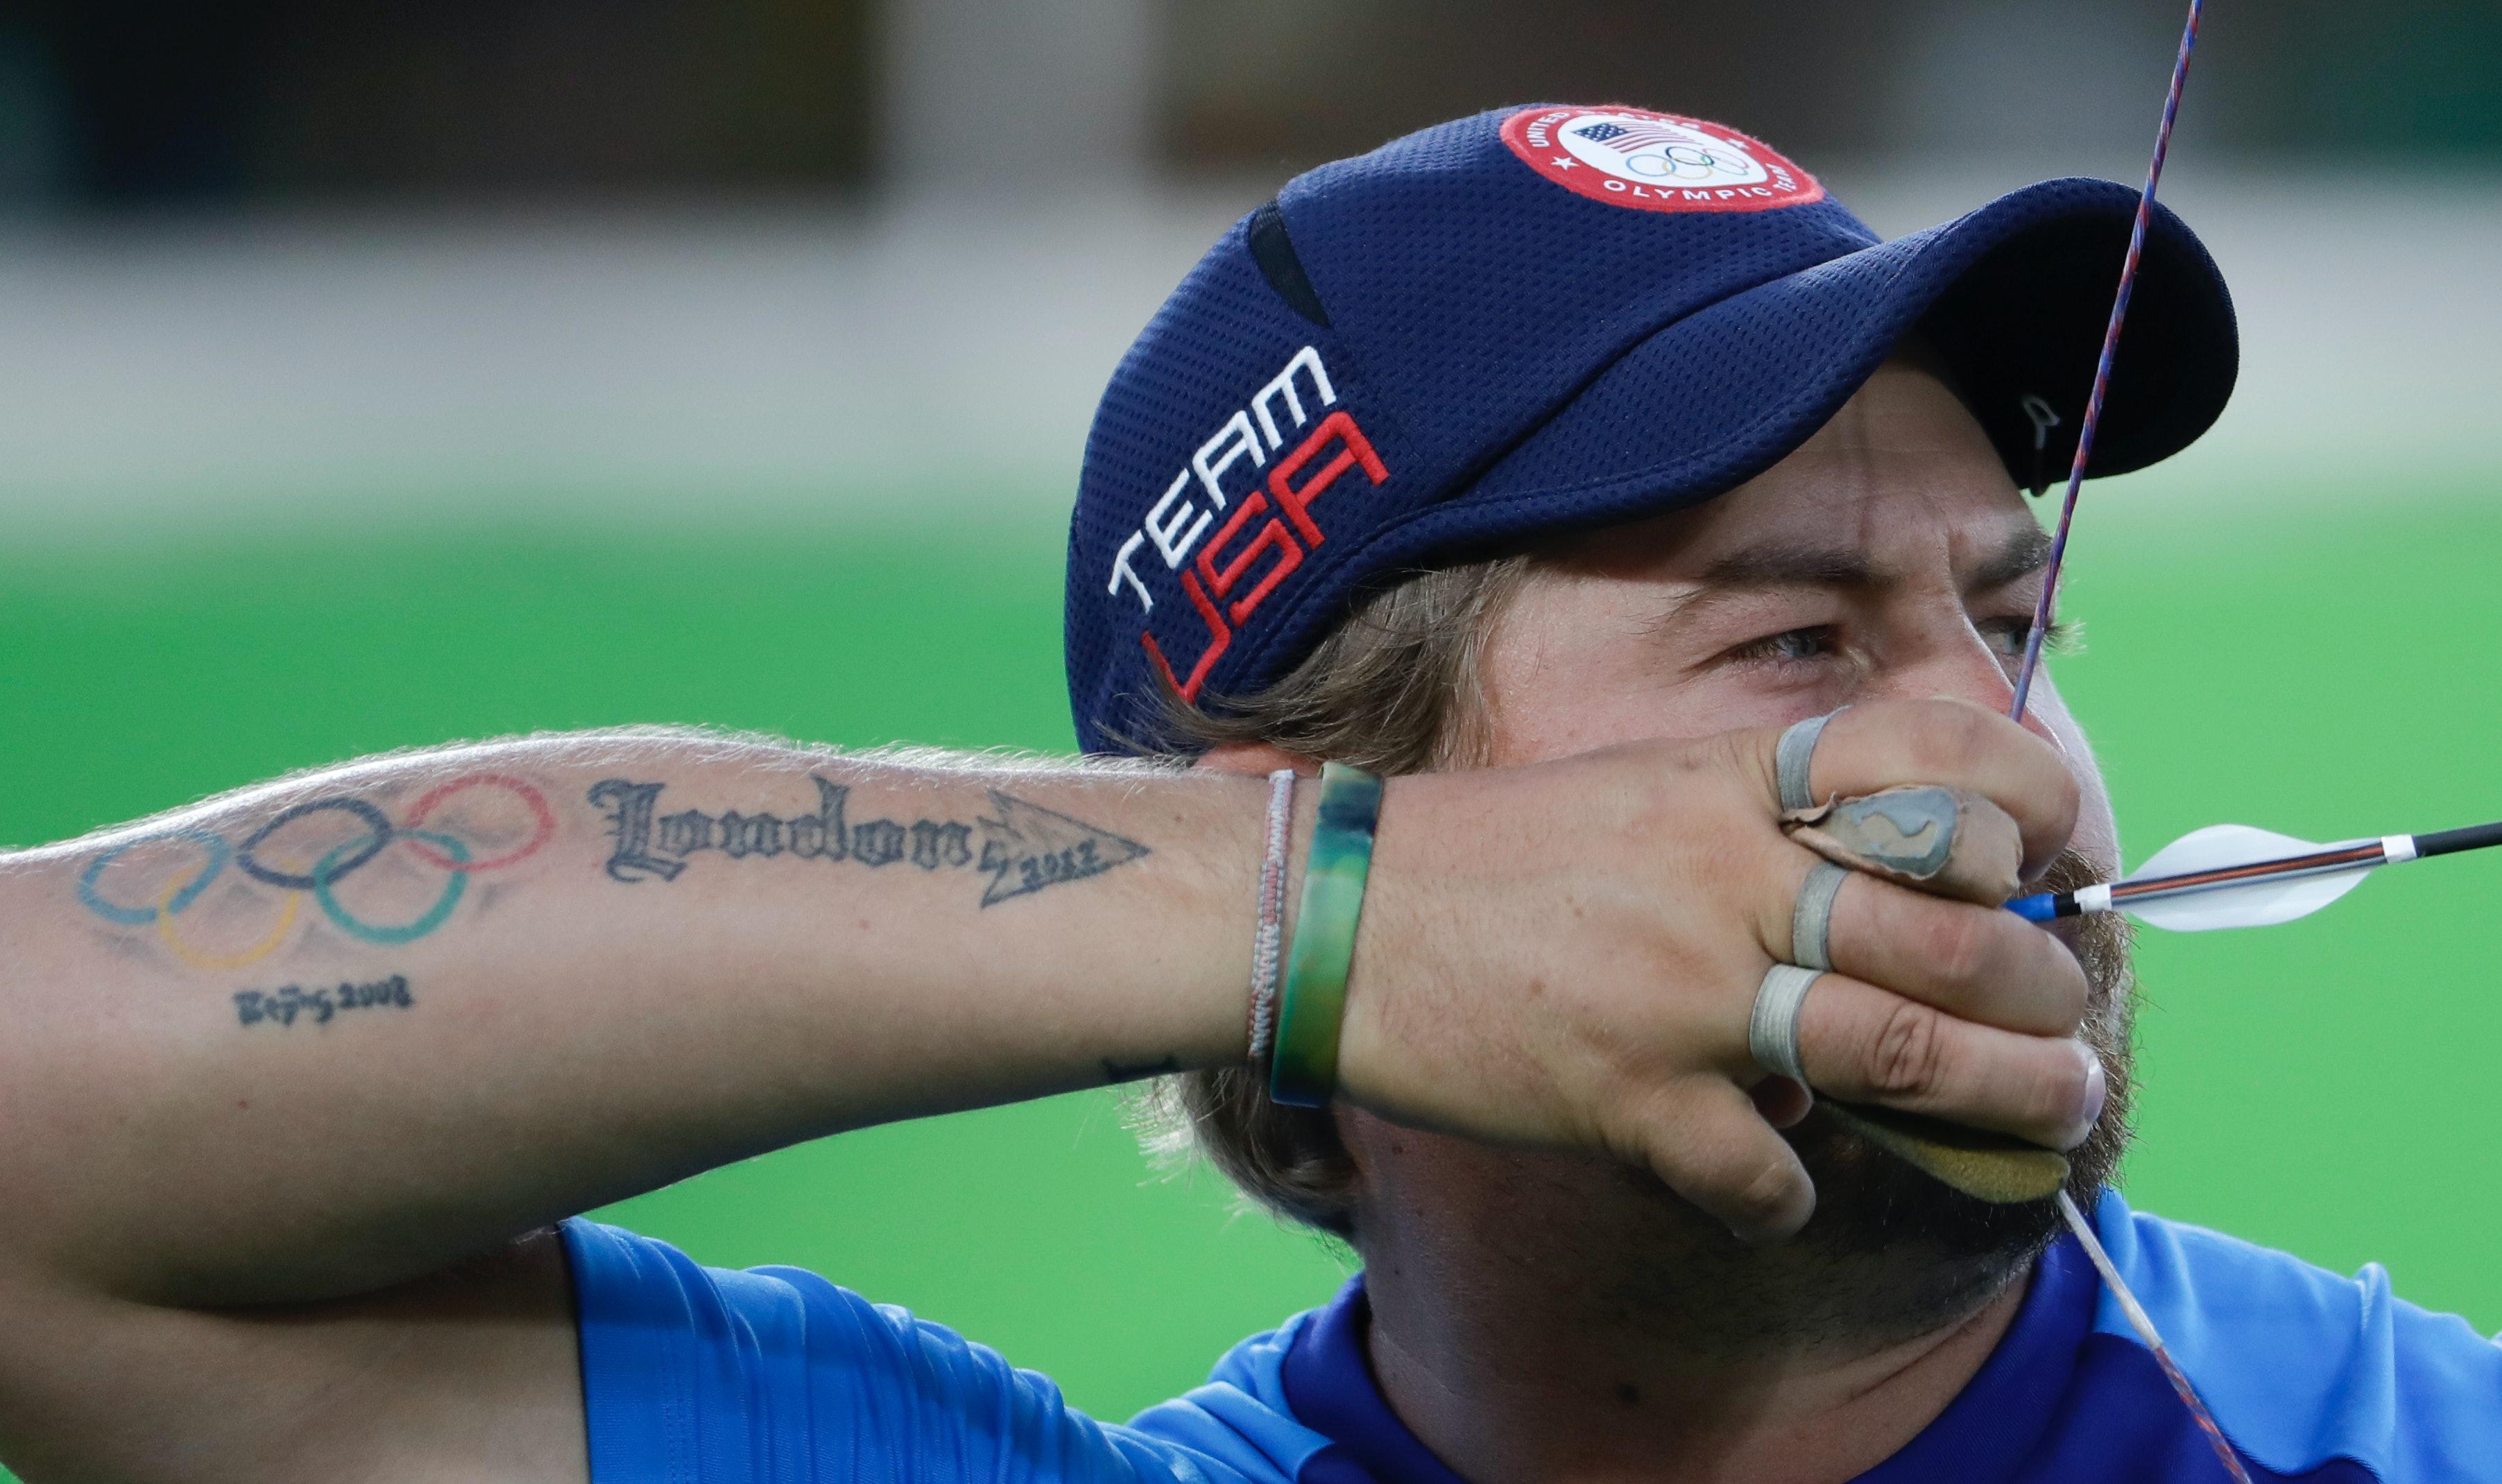 US Olympic Archer and Leonardo DiCaprio Look-Alike Brady